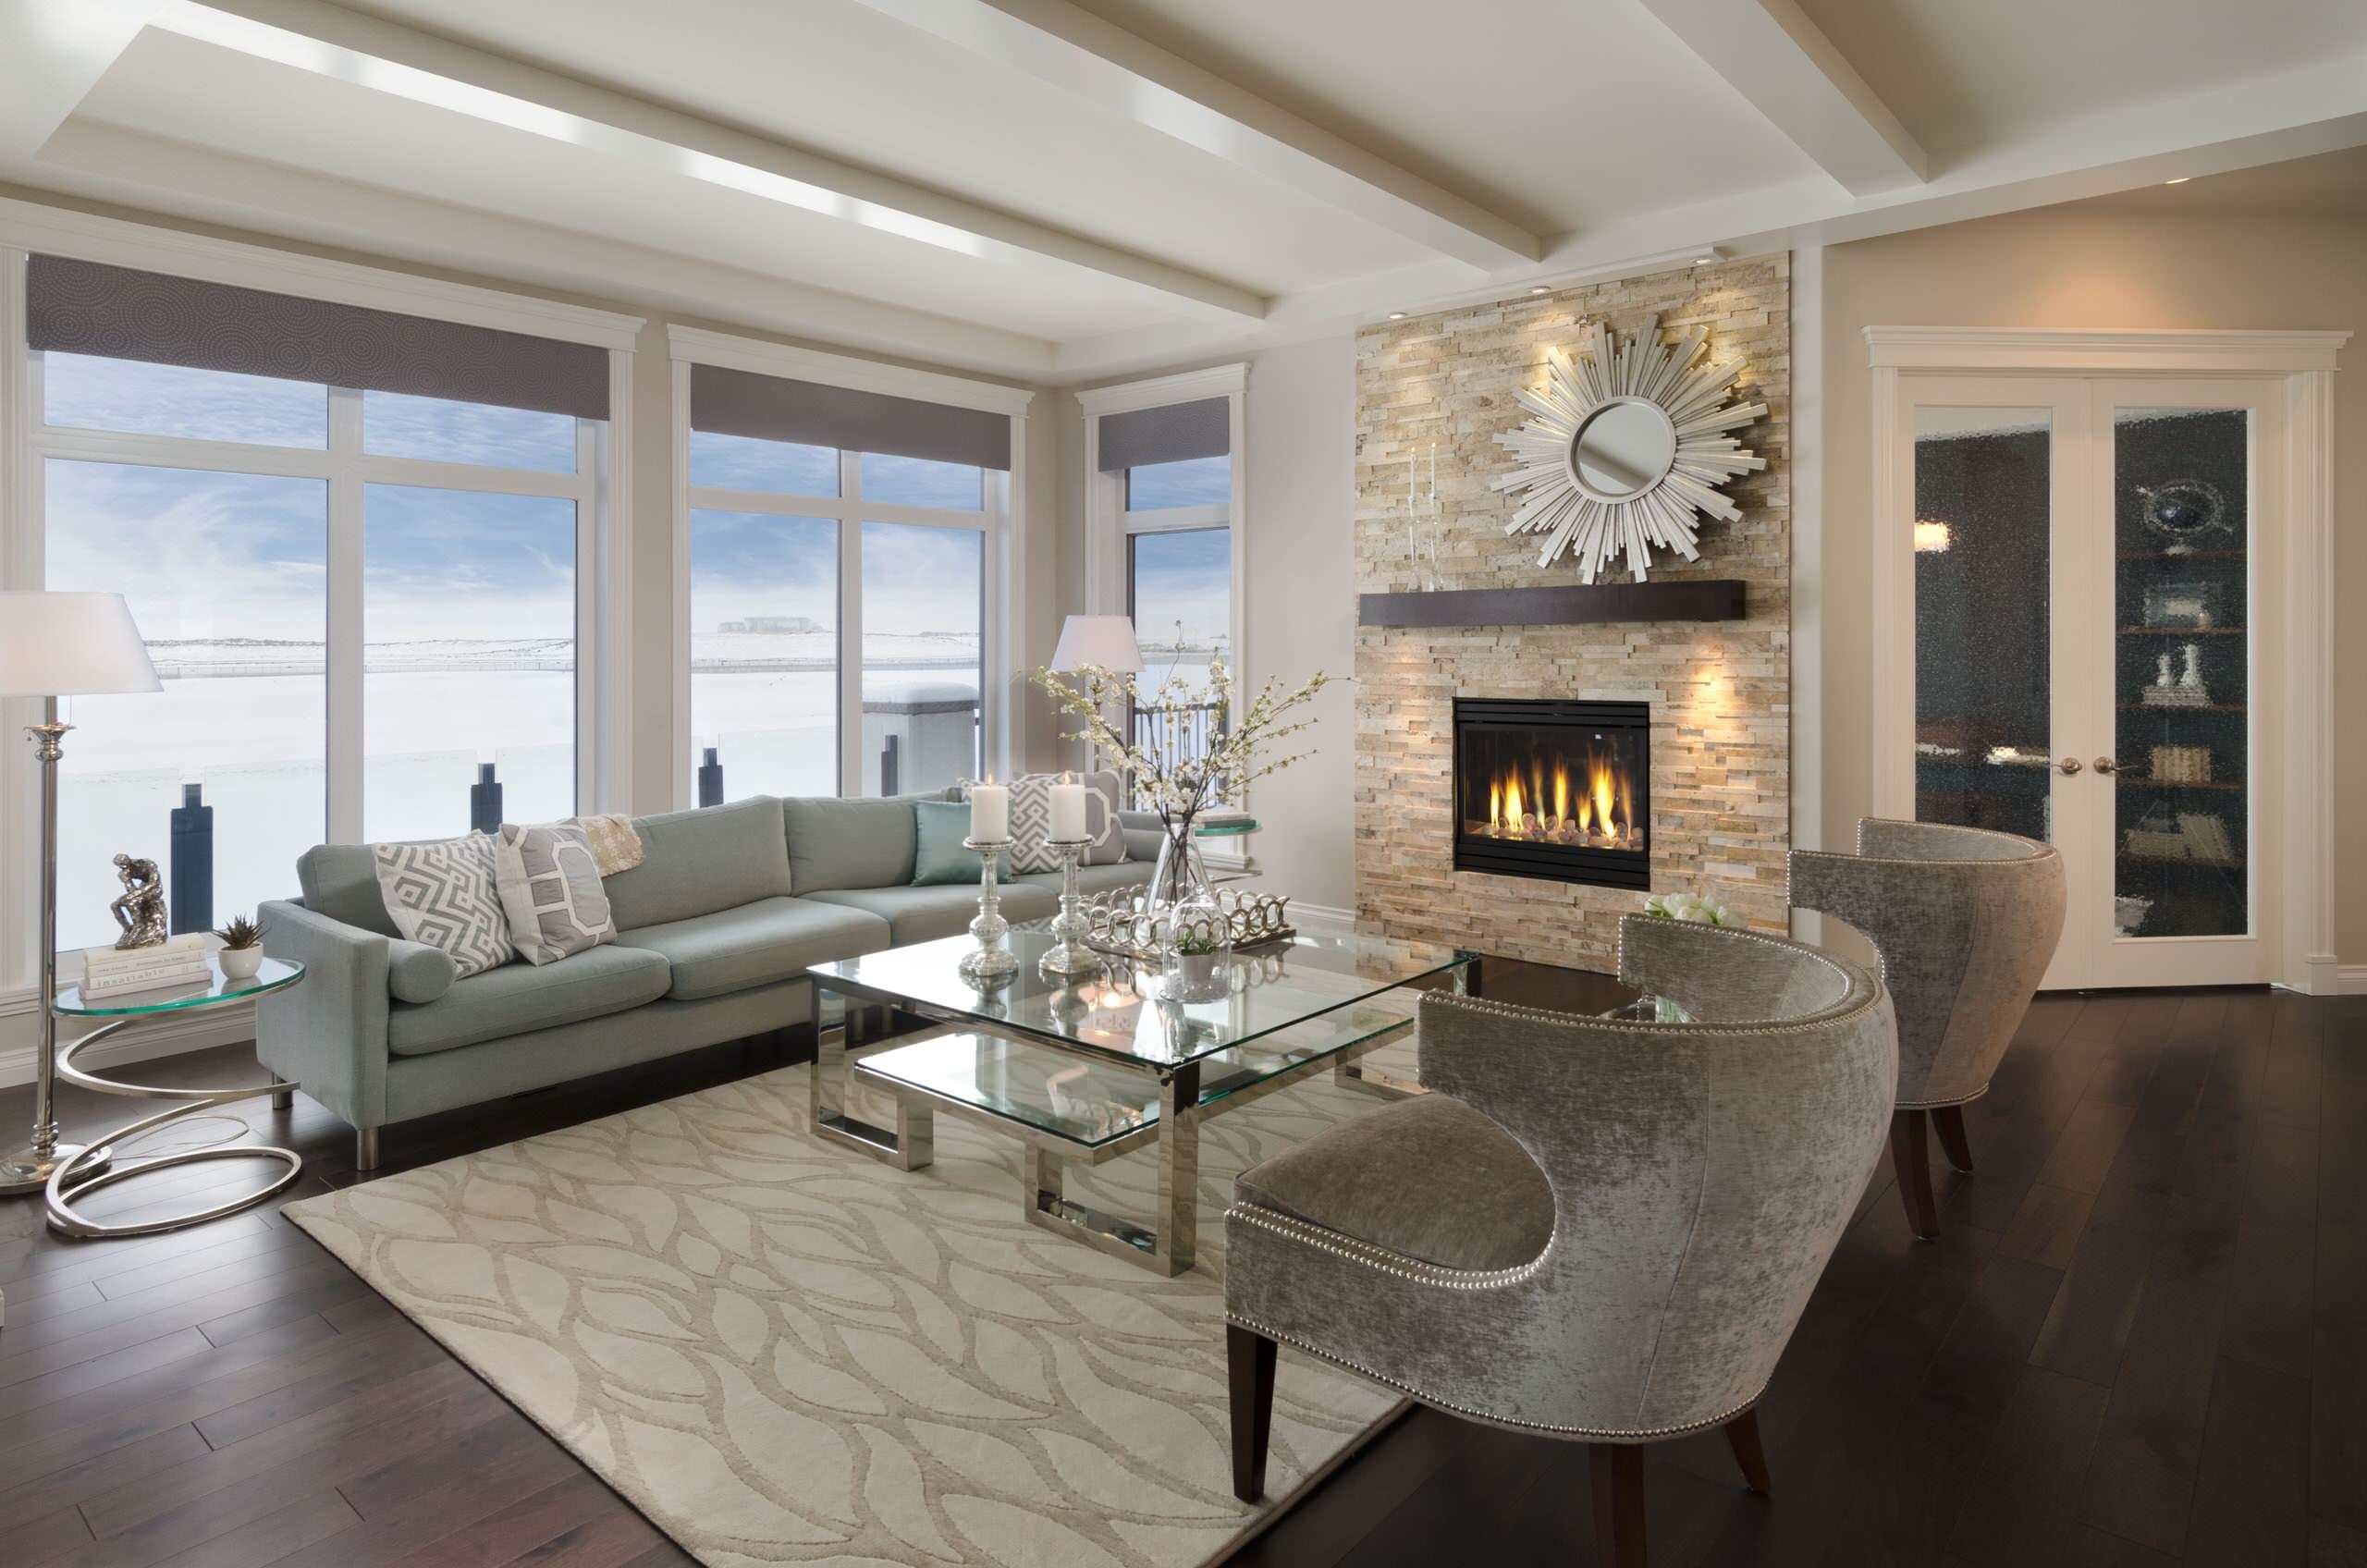 5X5 Living Room Ideas & Photos  Houzz